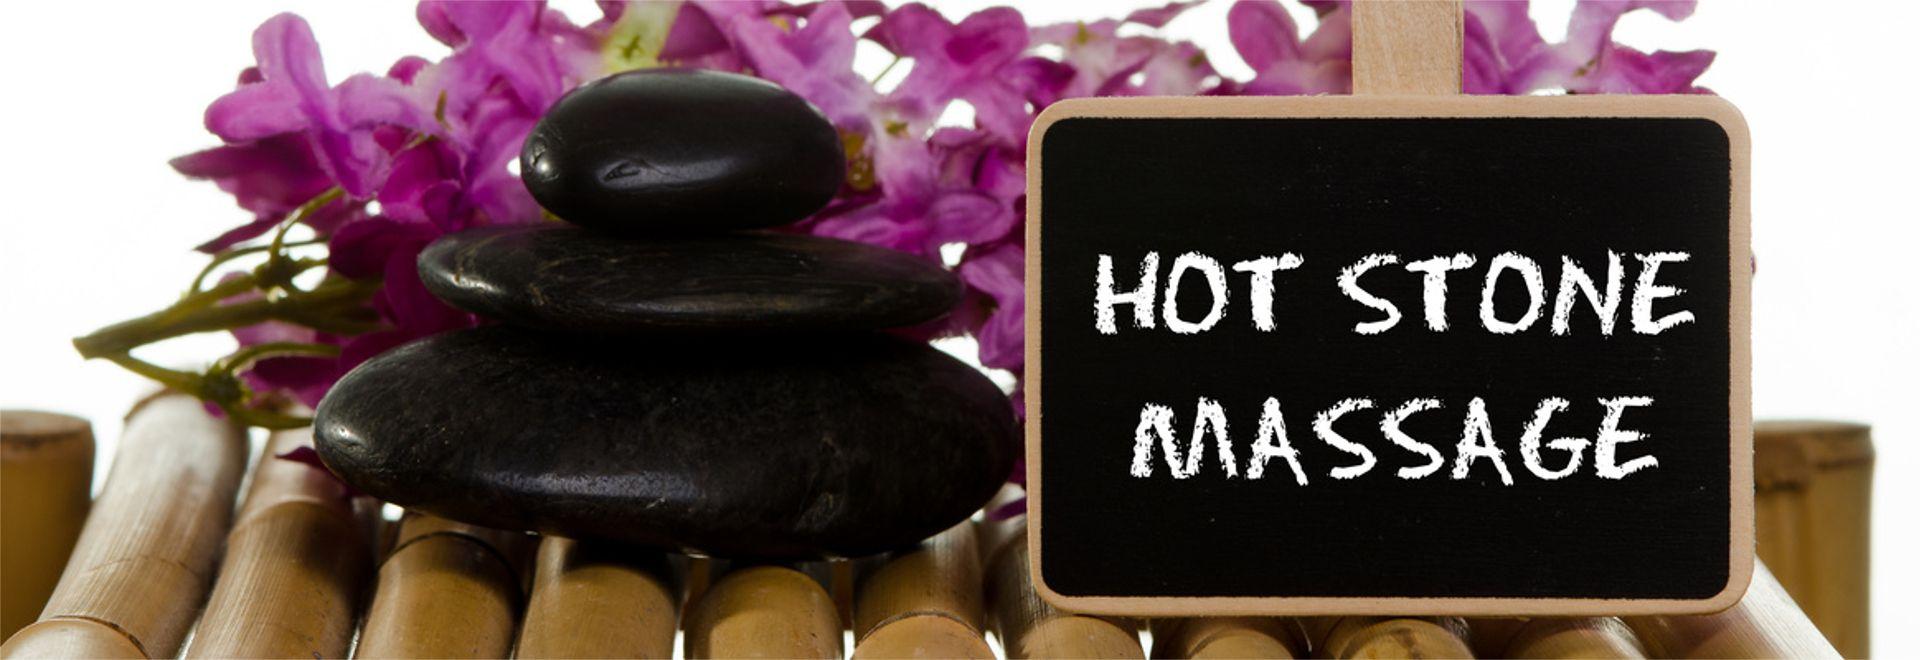 die Hot-Stone-Massage im Wellnesshotel anbieten können